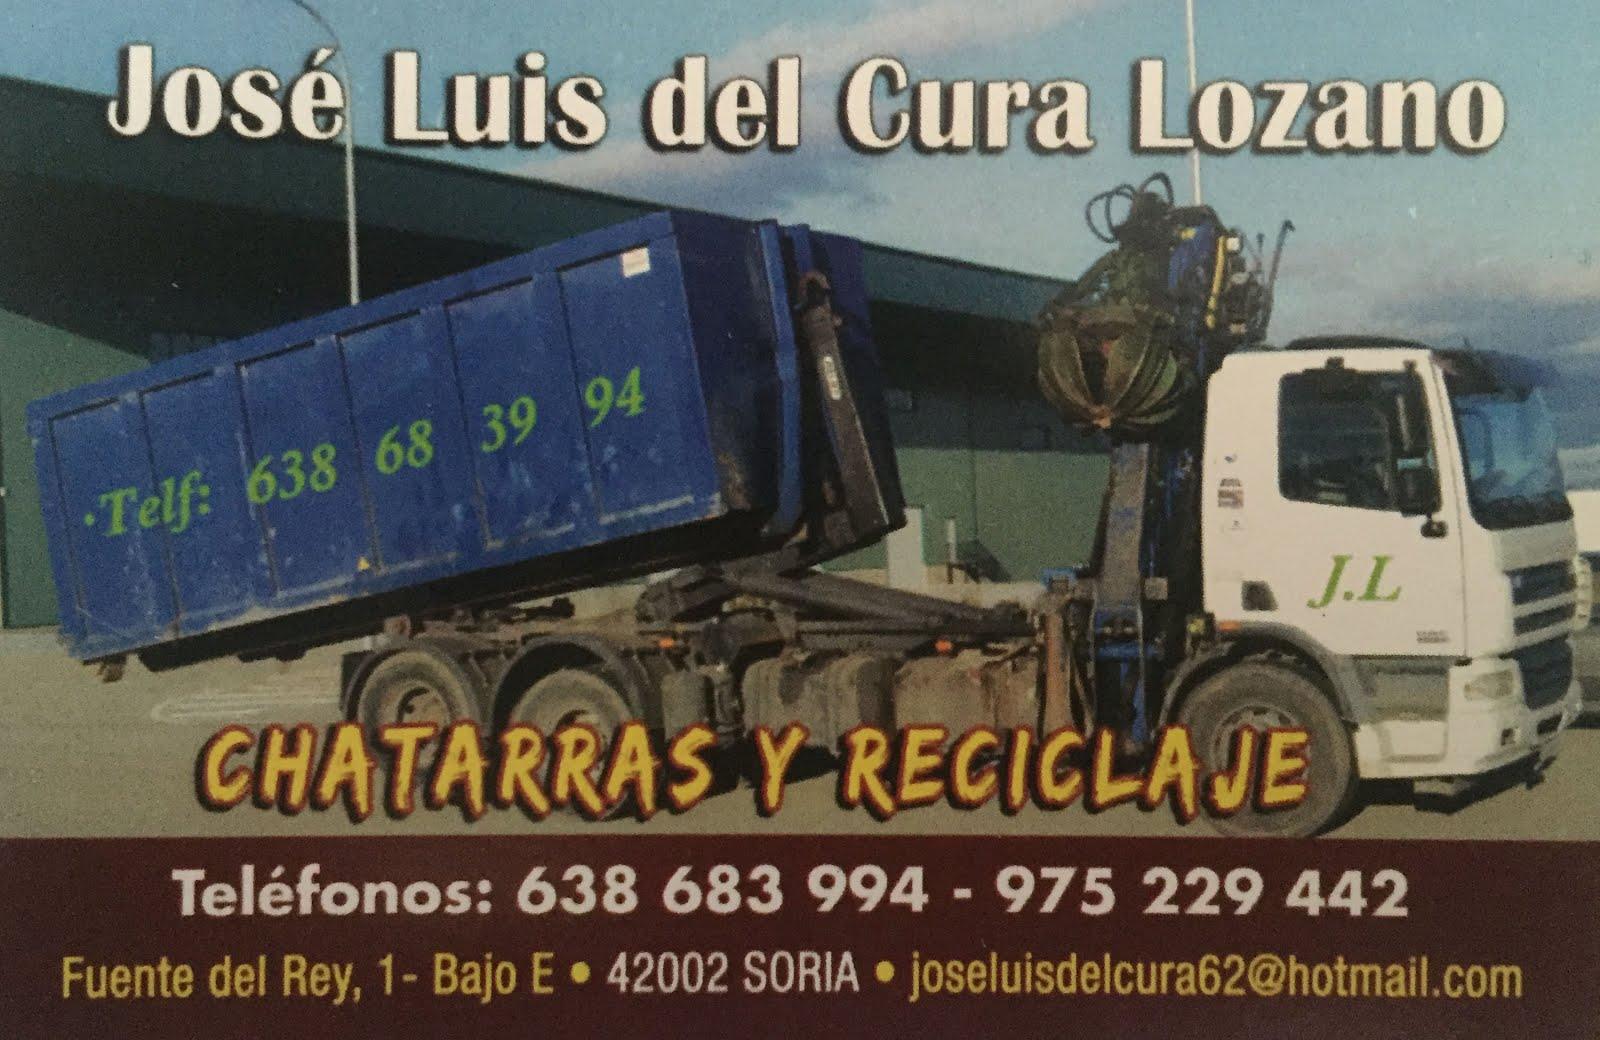 Chatarras y reciclaje